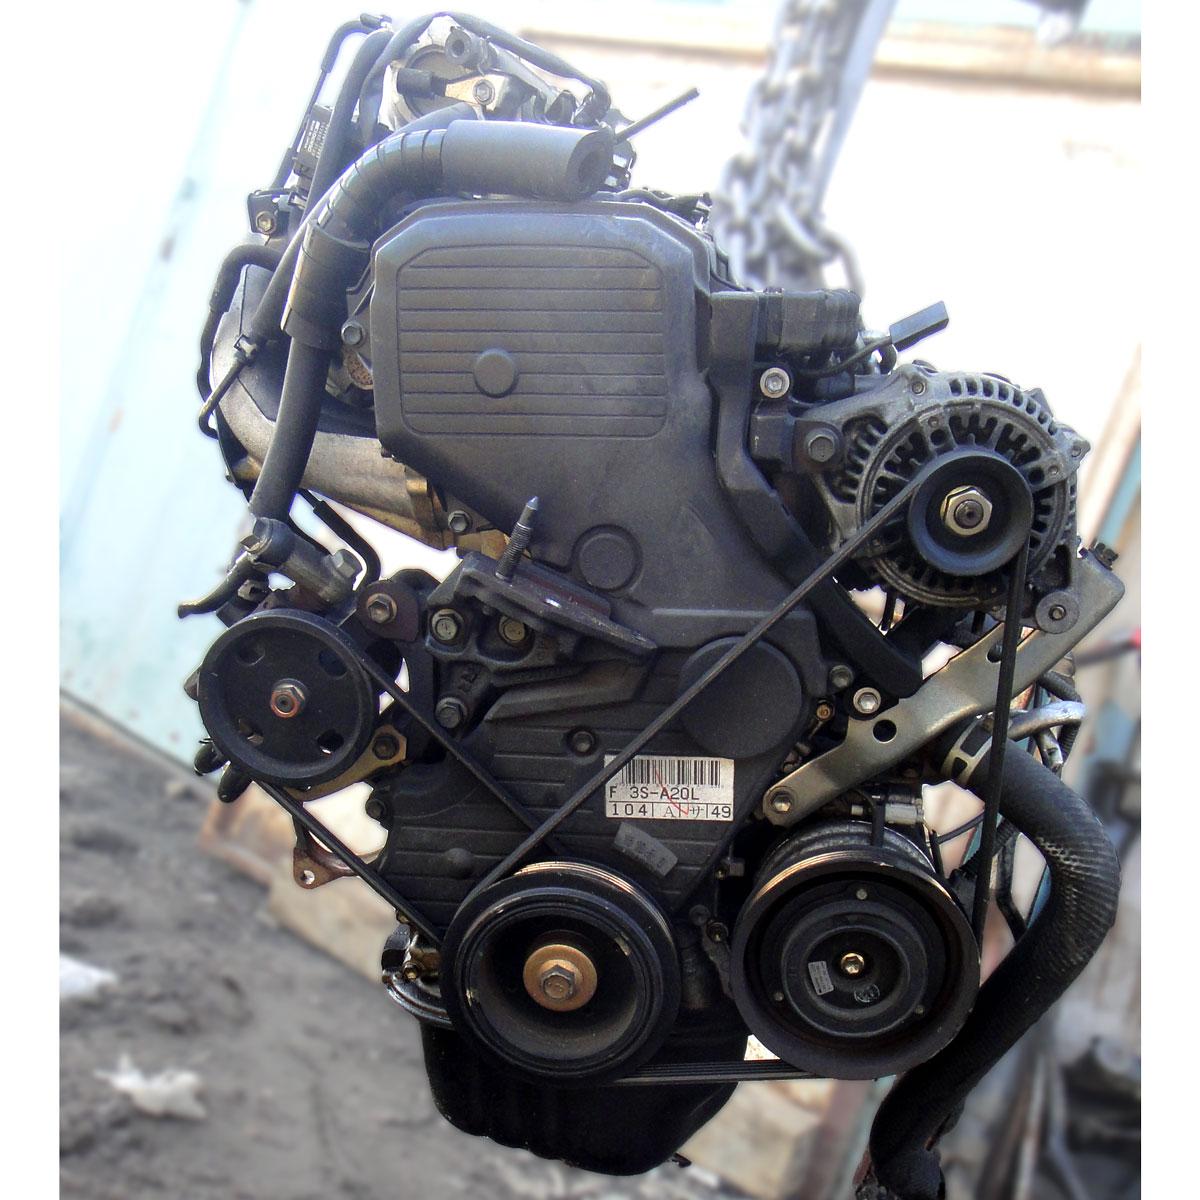 Реле прочее Acura TL 2003-2008 - Автозапчасти